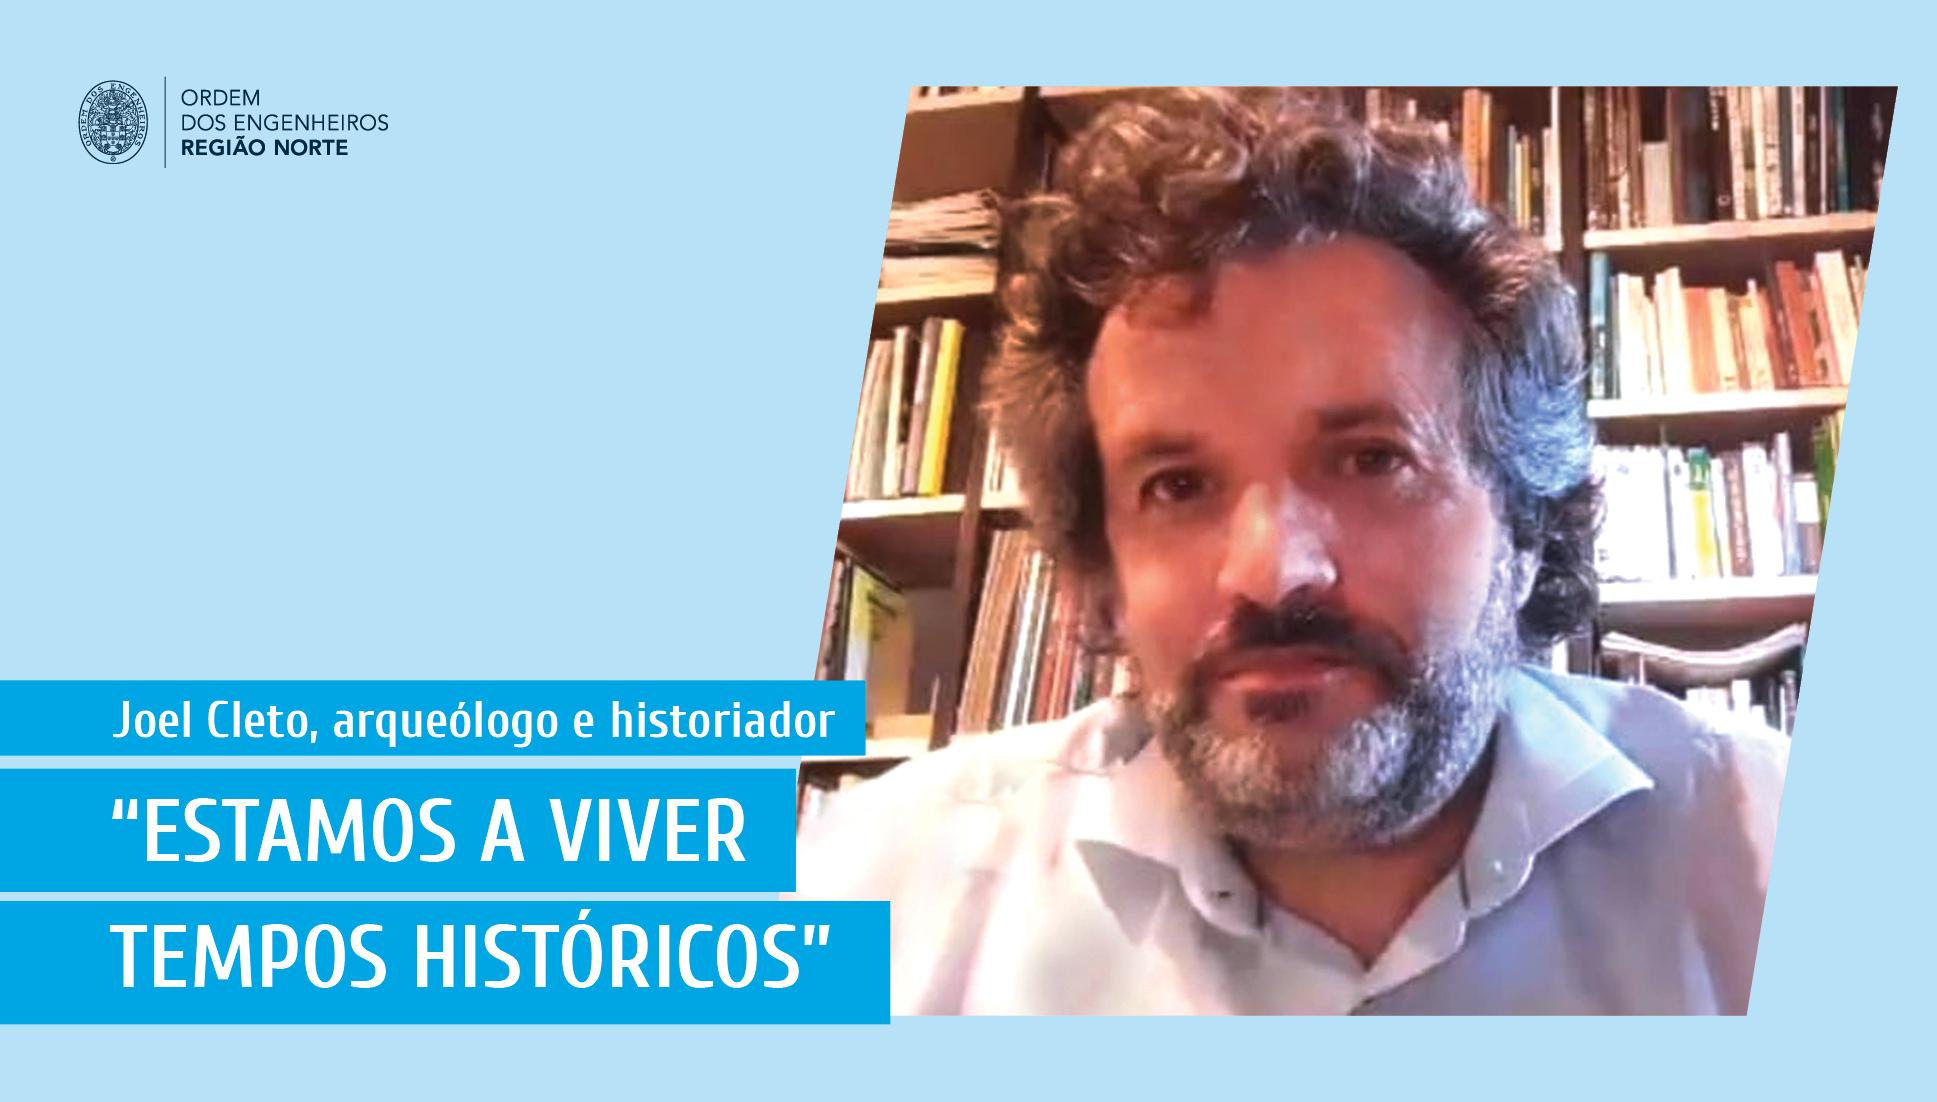 Plataforma Notícias Ordem Engenheiros Região Norte - [Com vídeo] Joel Cleto e os caminhos da história das pandemias